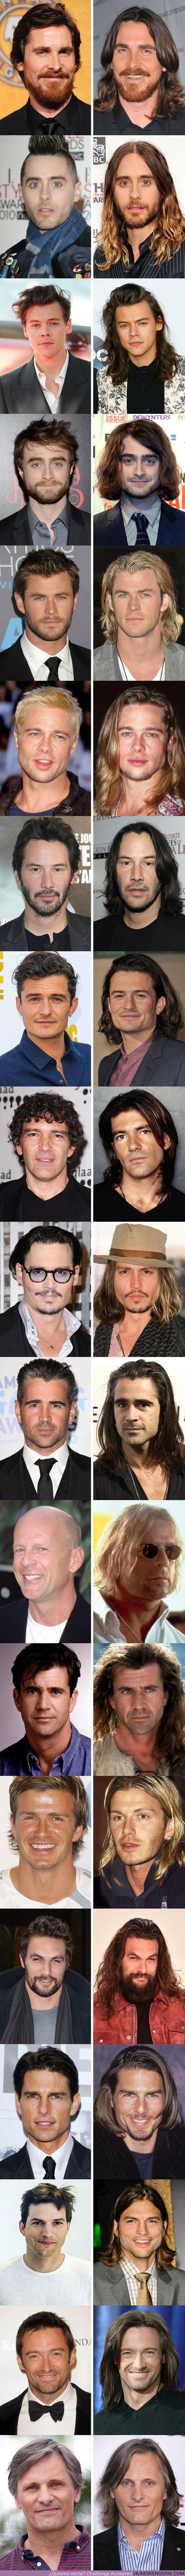 73450 - GALERÍA: 19 Hombres famosos que alguna vez se dejaron crecer el cabello y se veían aún más atractivos